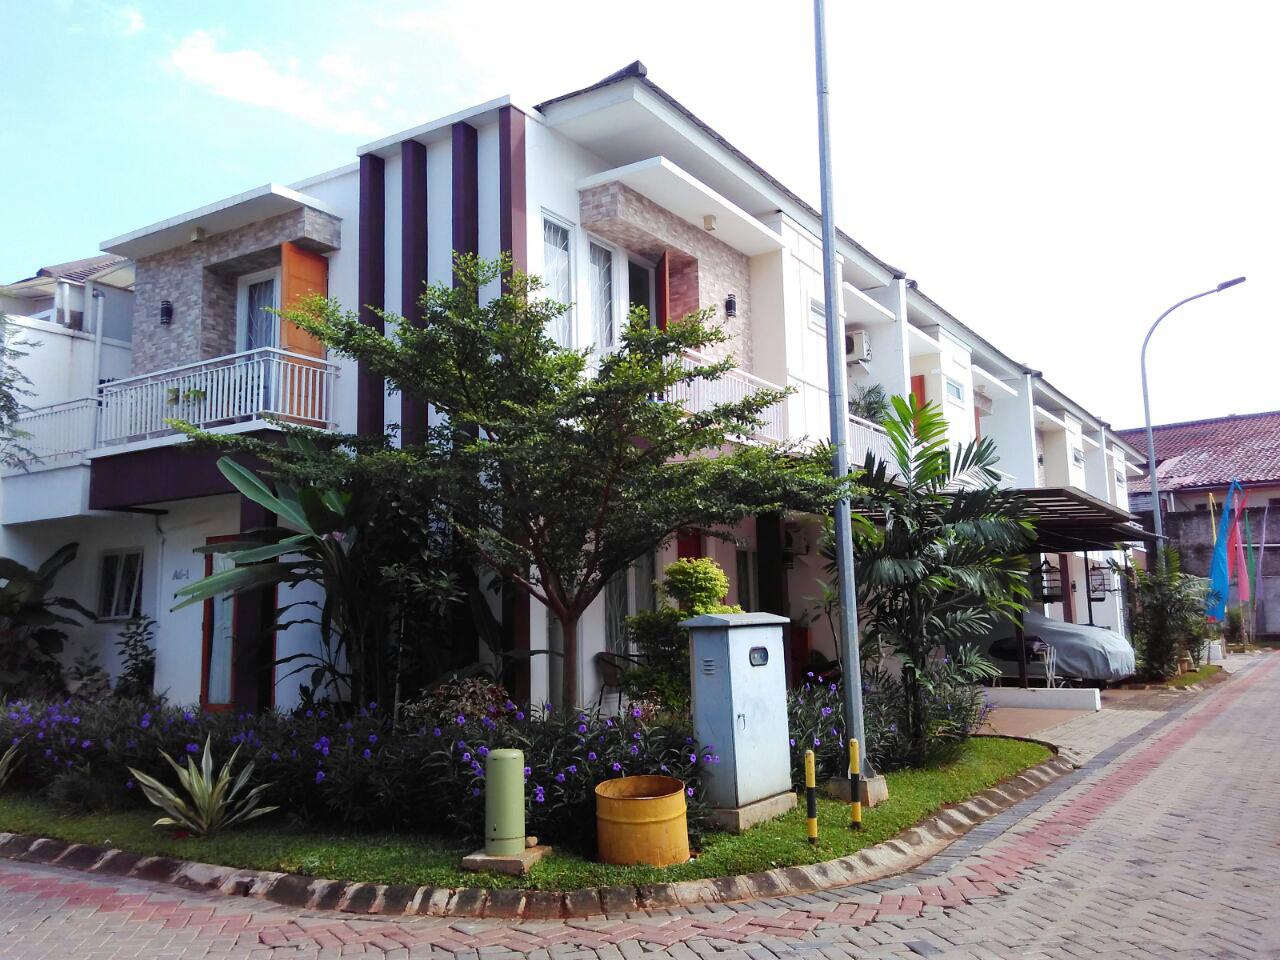 Rumah Murah Cantik Siap Huni lingkungan nyaman di Prime Residence Jombang Tang Sel